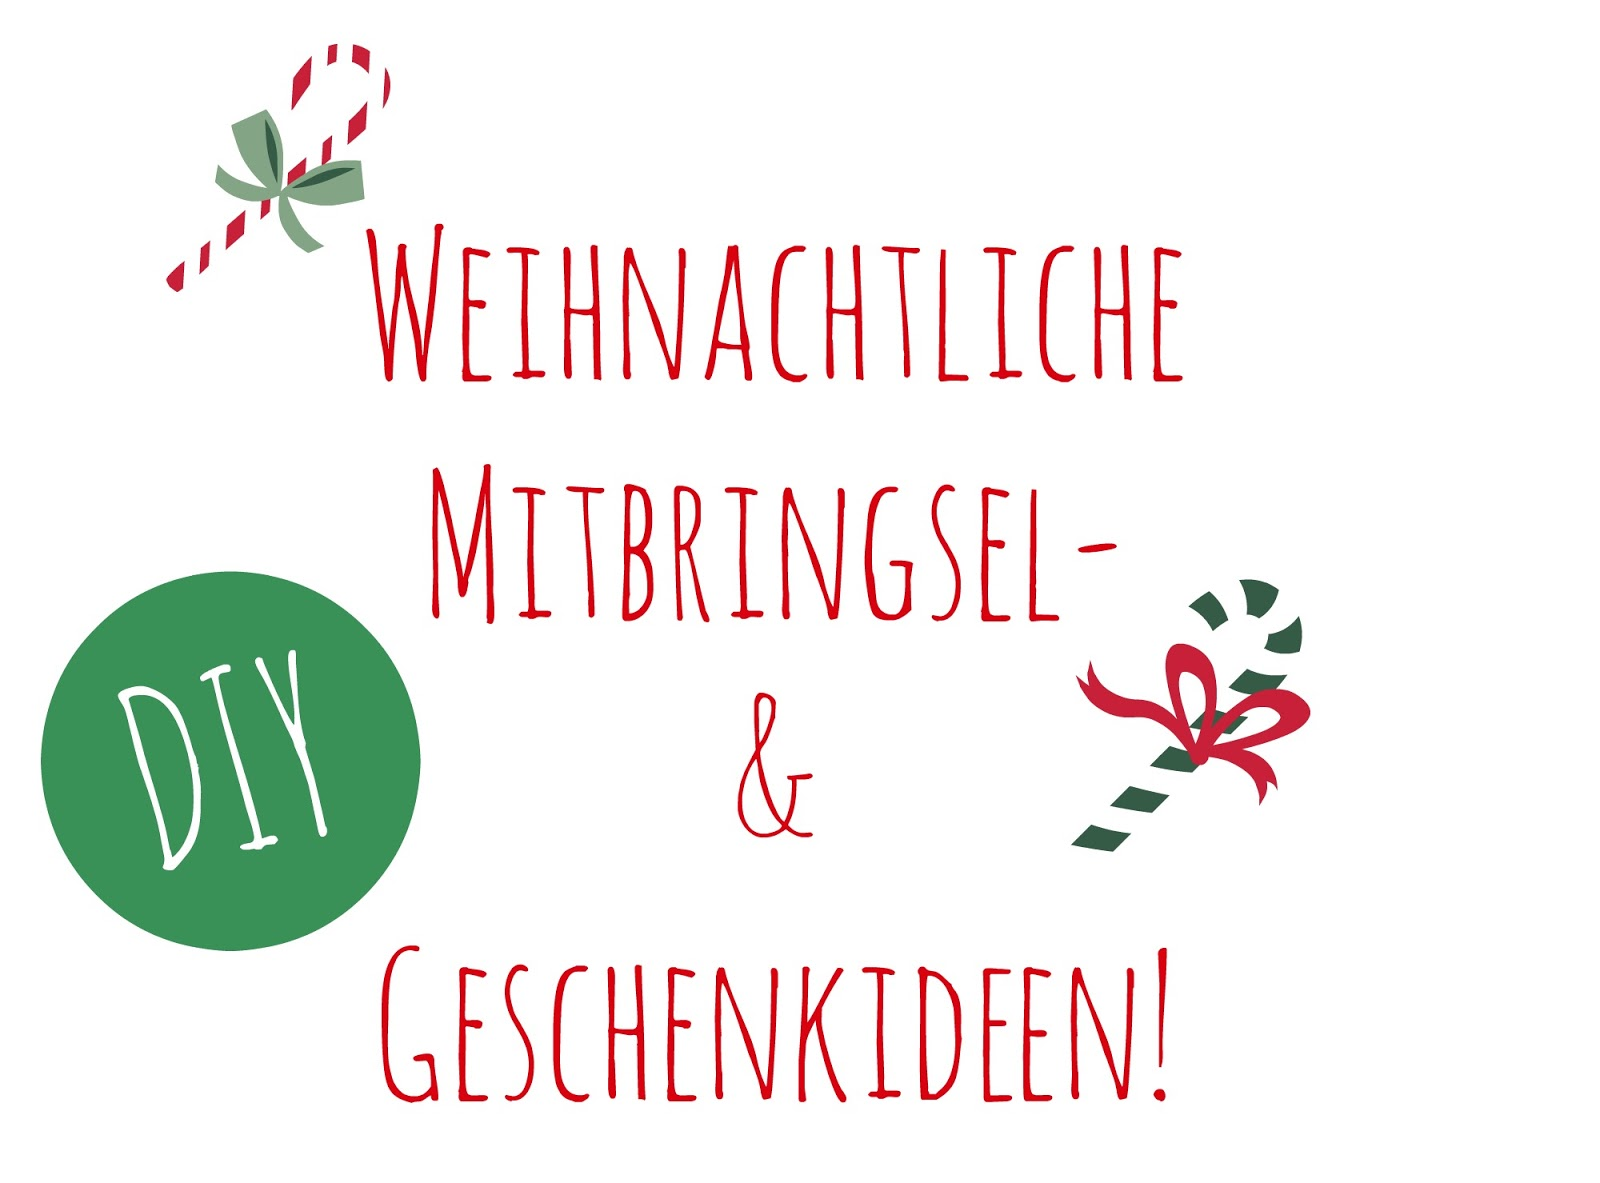 Weihnachtliche Mitbringsel und kleine Geschenkideen, DIY, Blogger, selbstgemachte Weihnachtsgeschenke